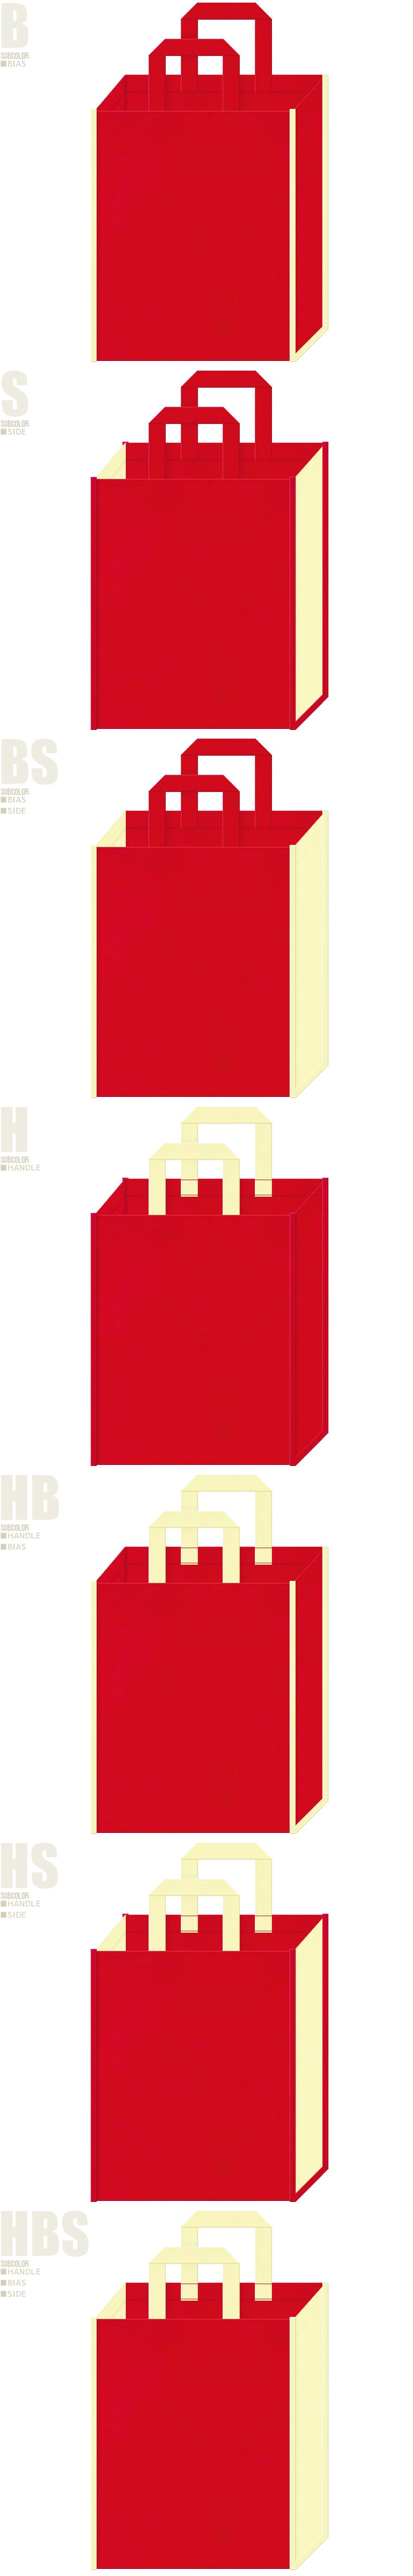 不織布トートバッグのデザイン:節分・ひな祭り商品にお奨めの配色です。